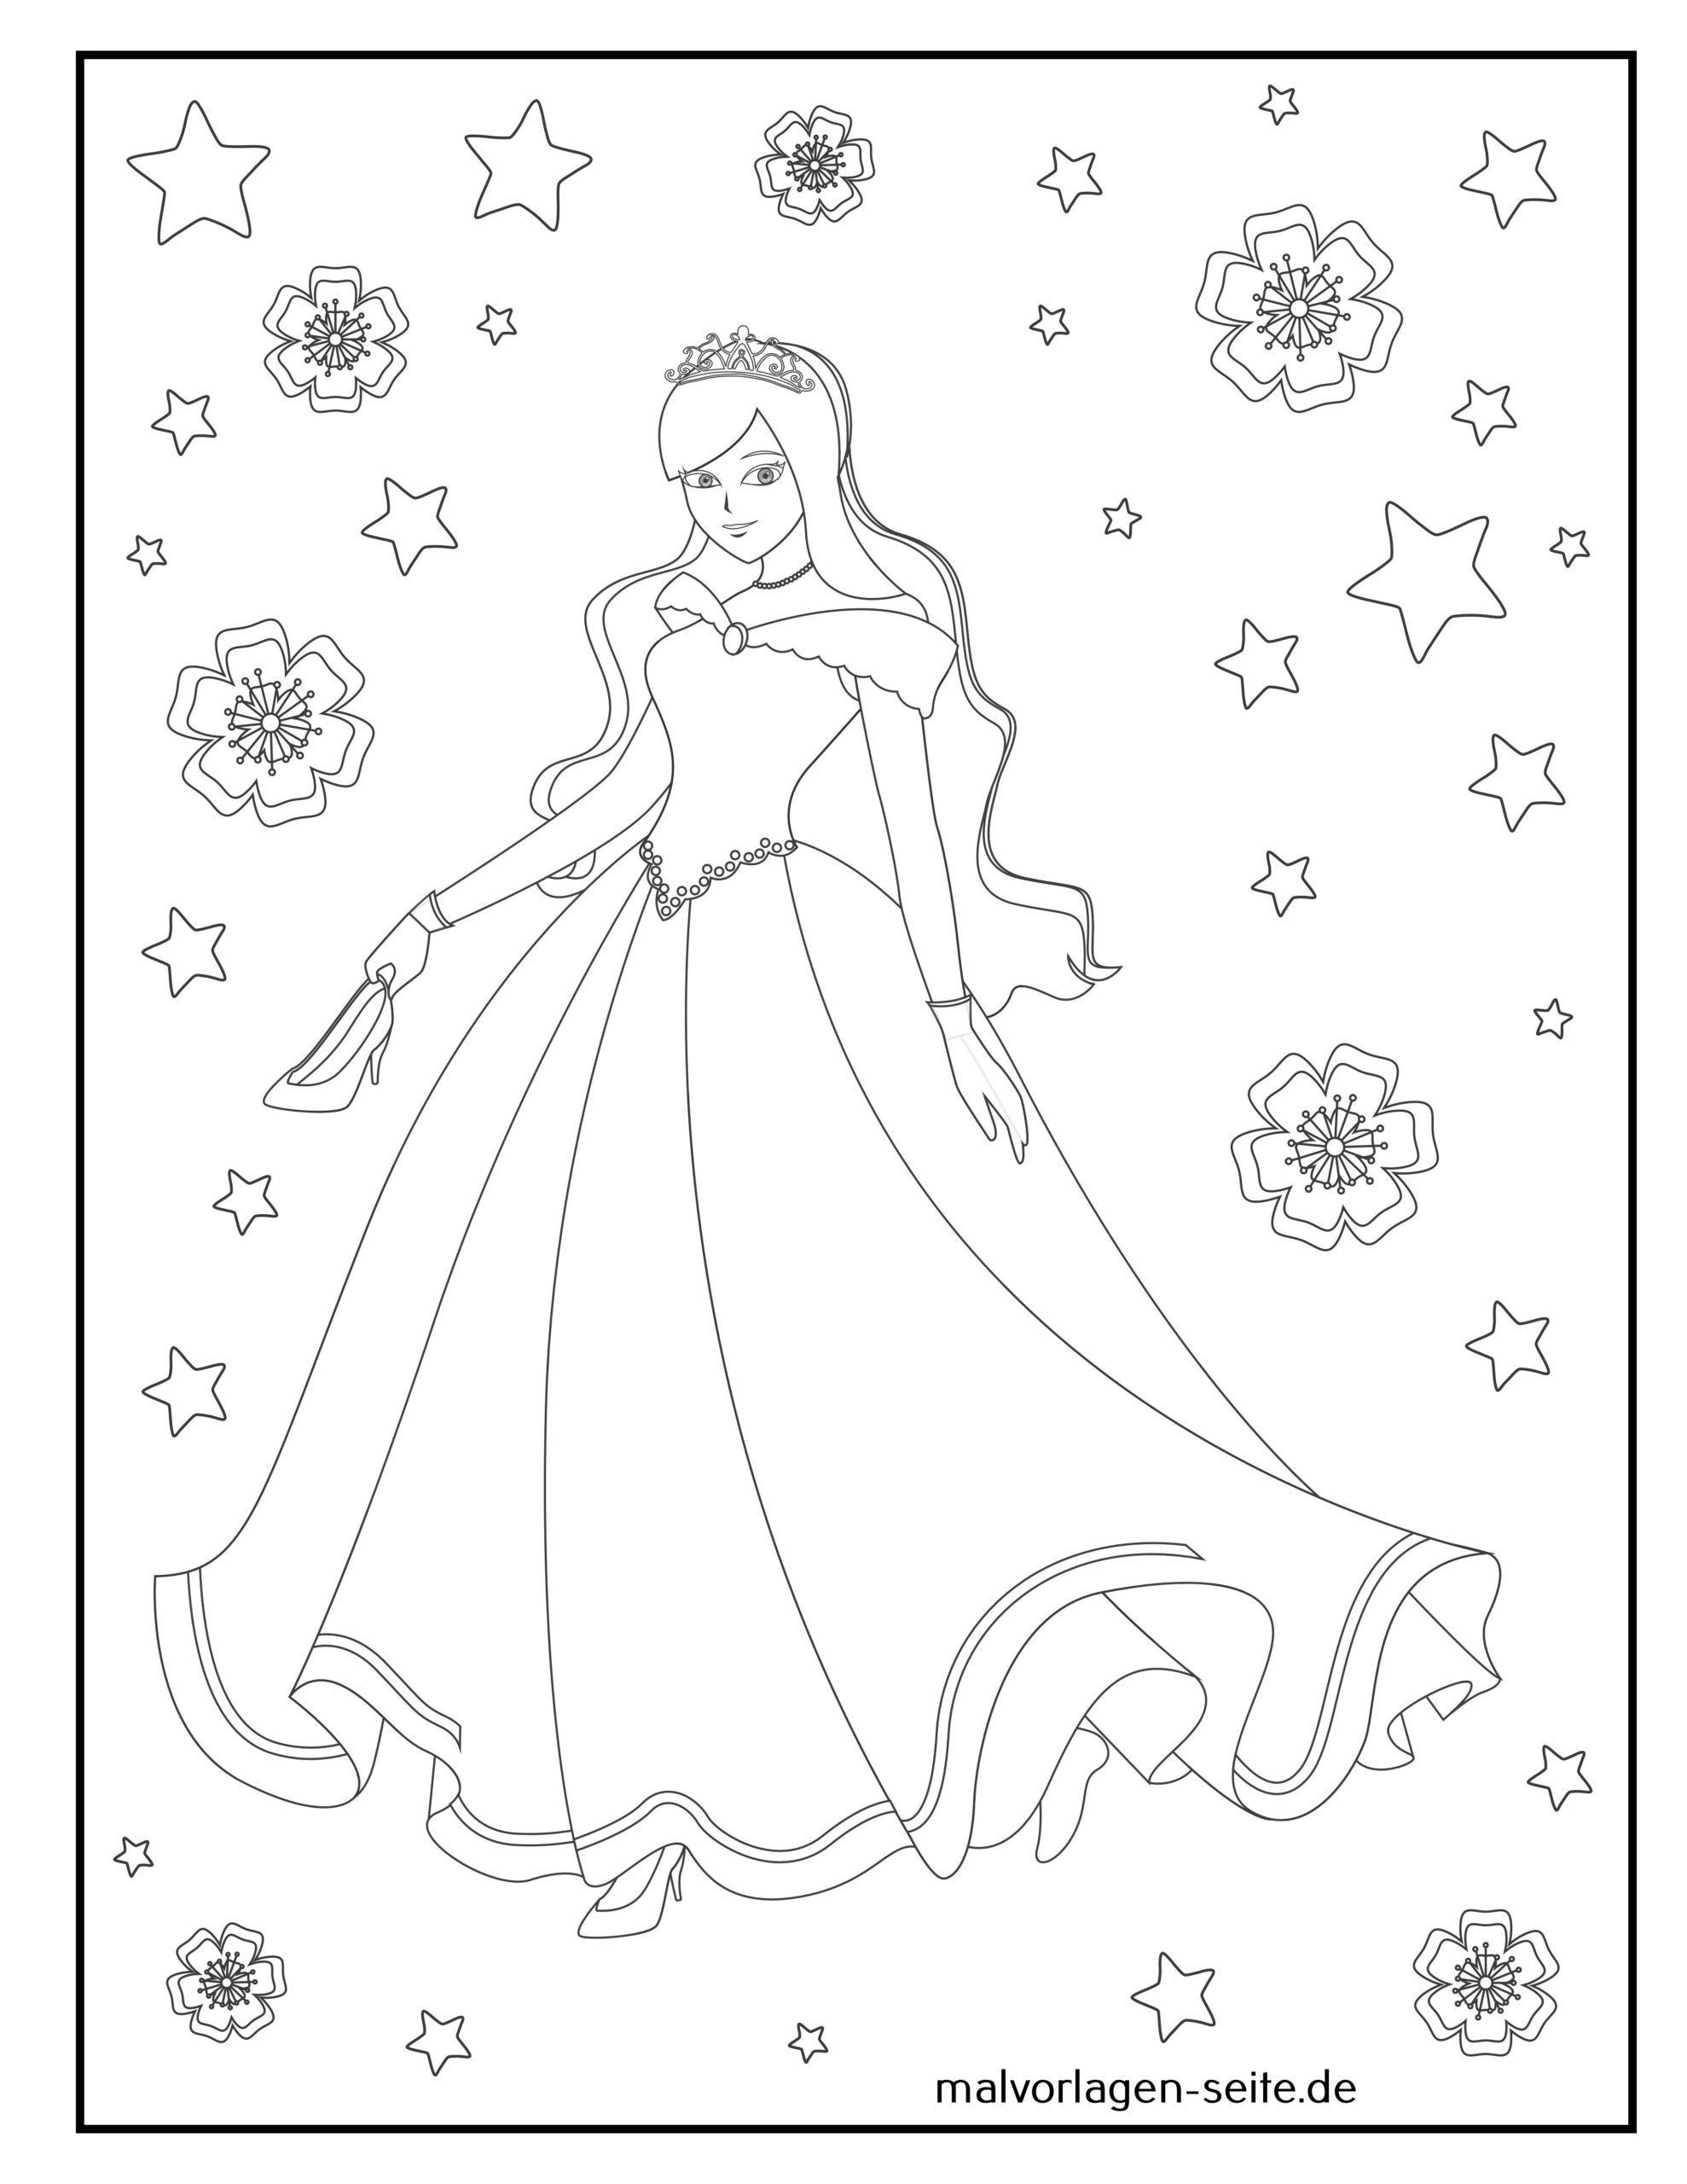 Tolle Malvorlage Prinzessin - Kostenlose Ausmalbilder